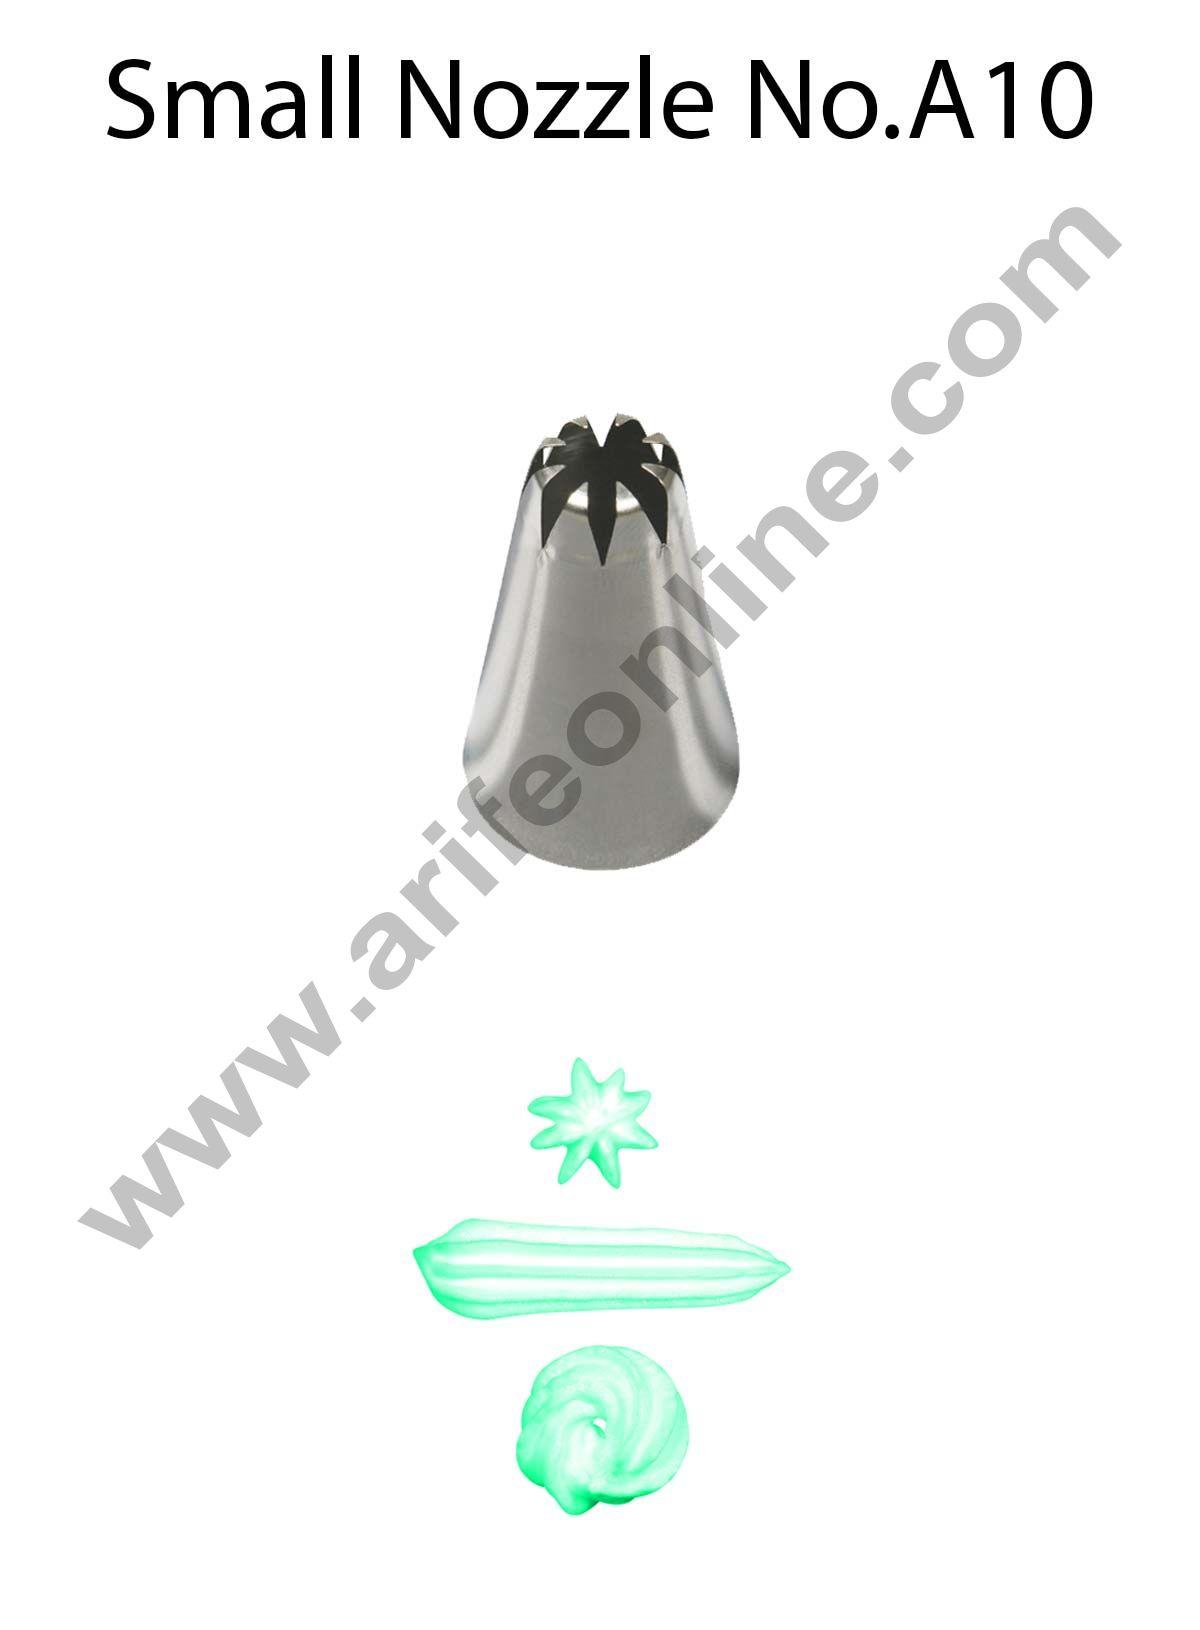 Cake Decor Small Nozzle - No. A10 Closed Star Piping Nozzle